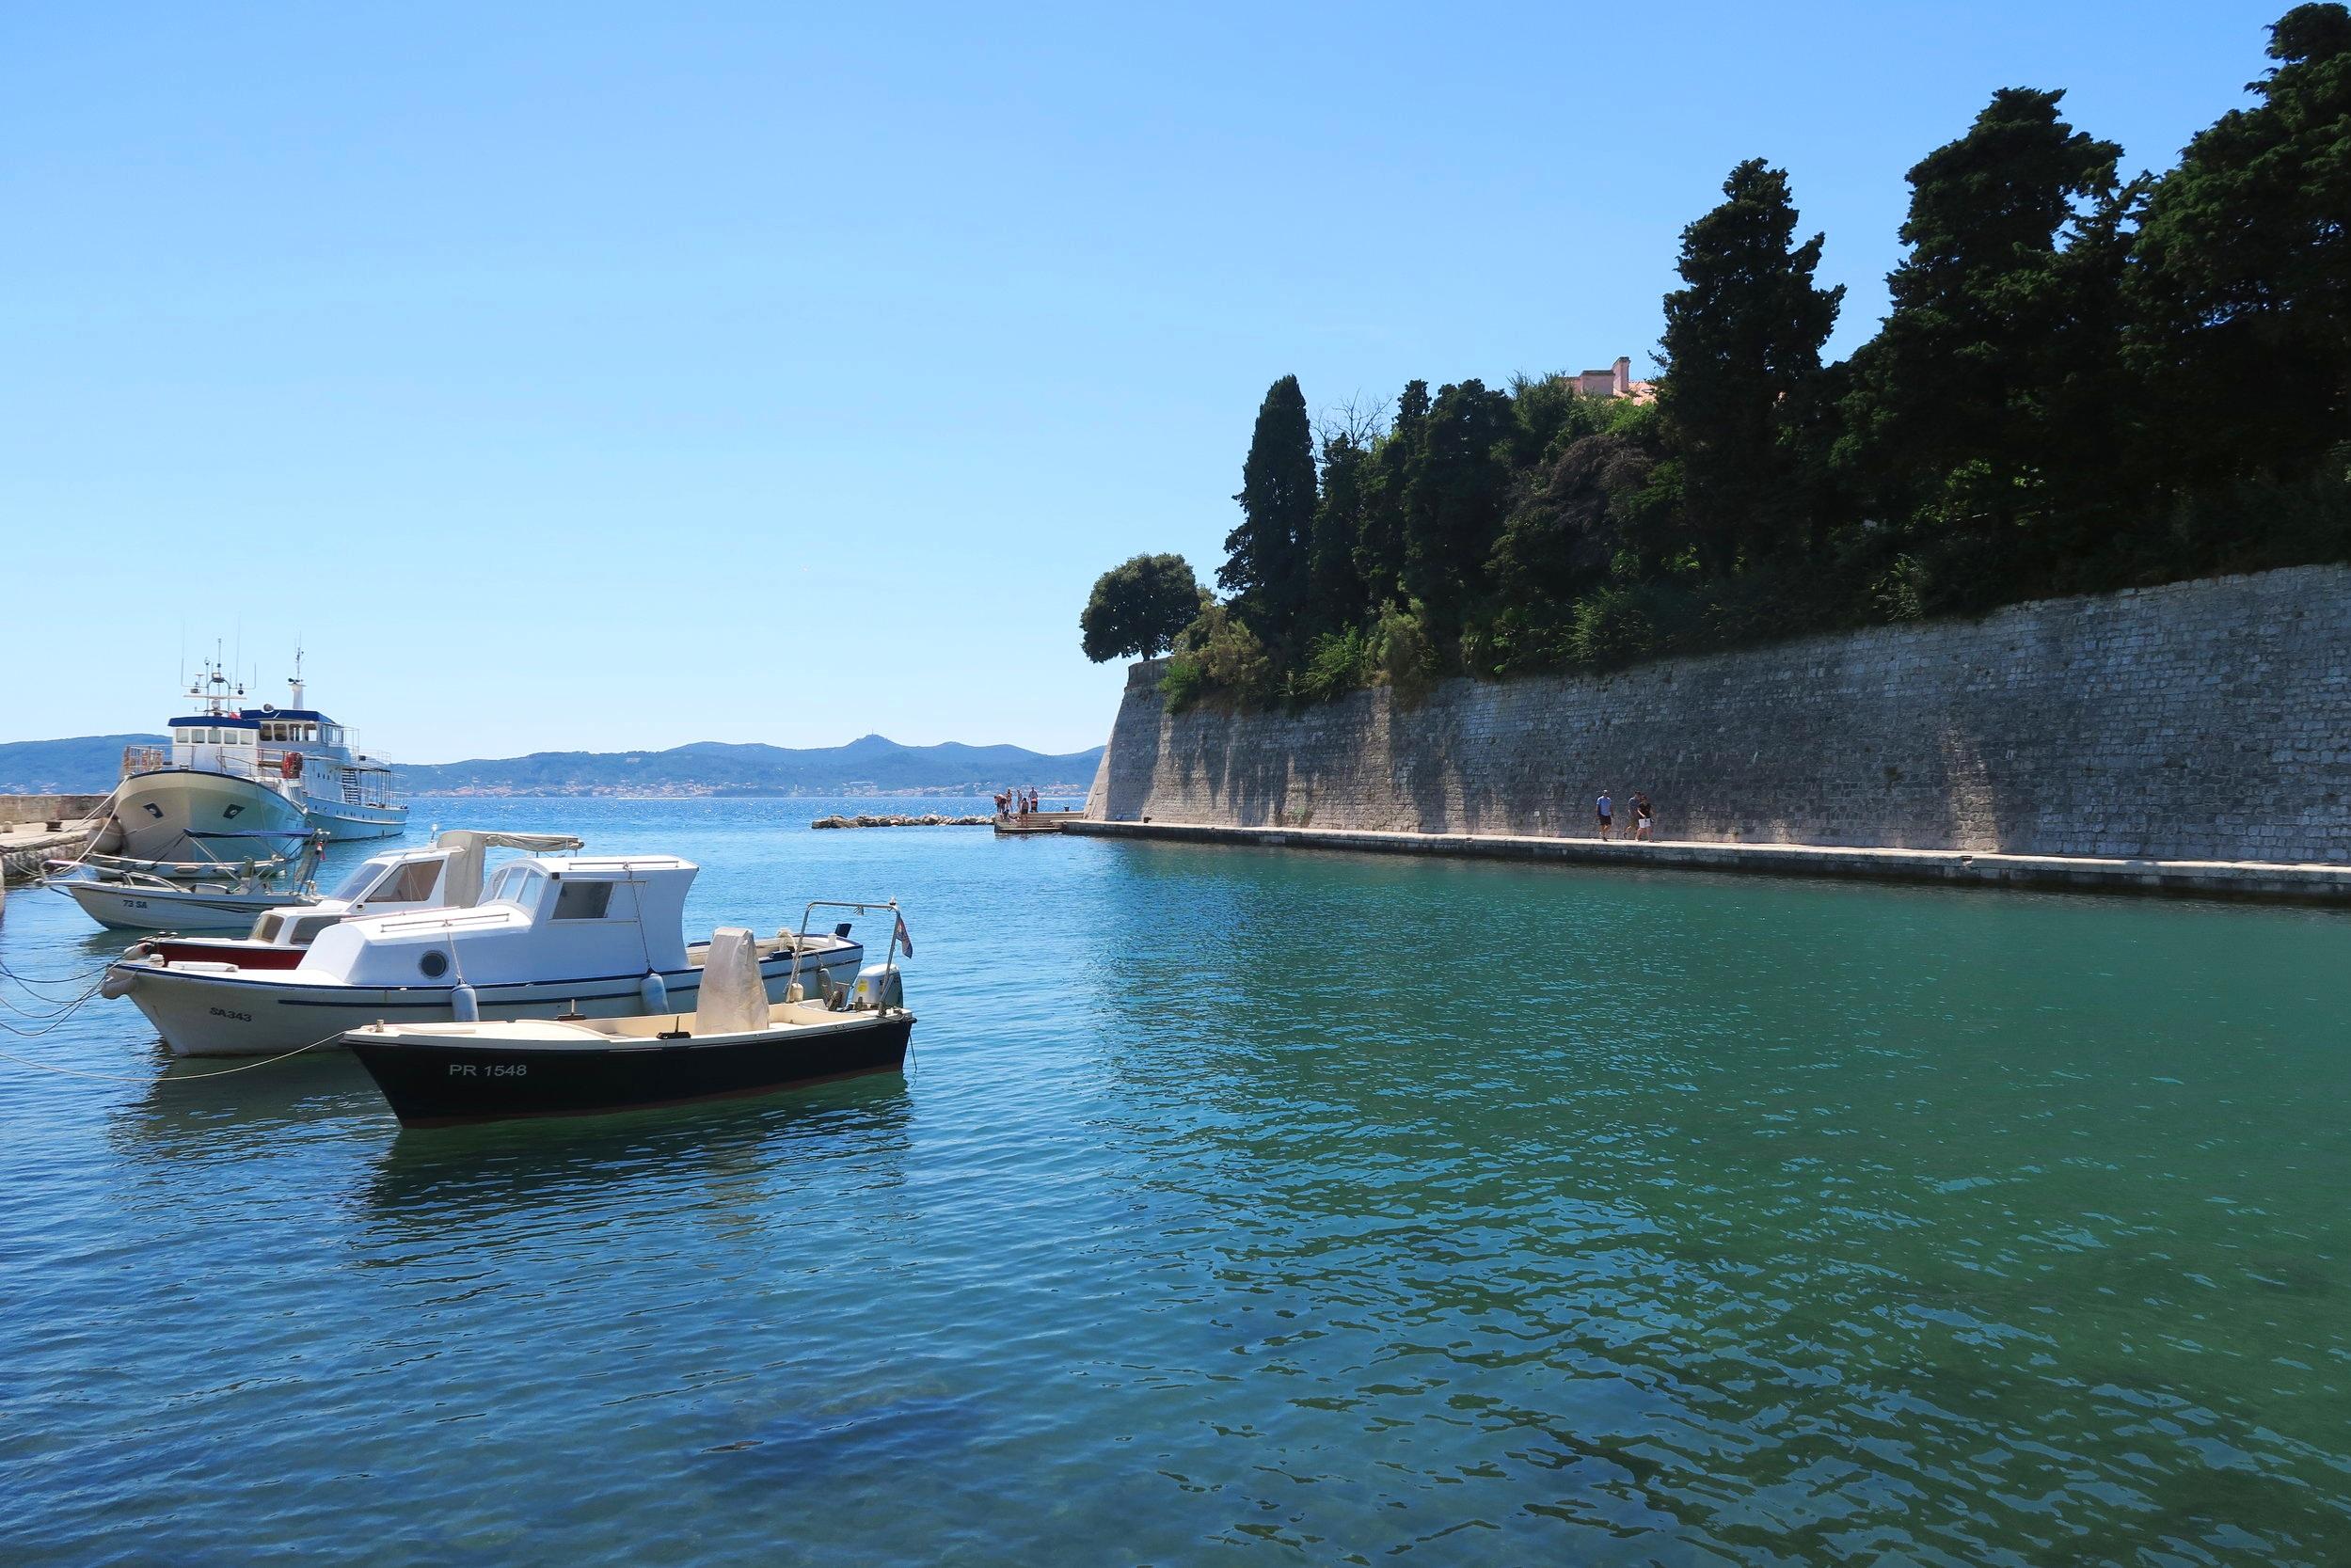 The city walls of Zadar, Croatia